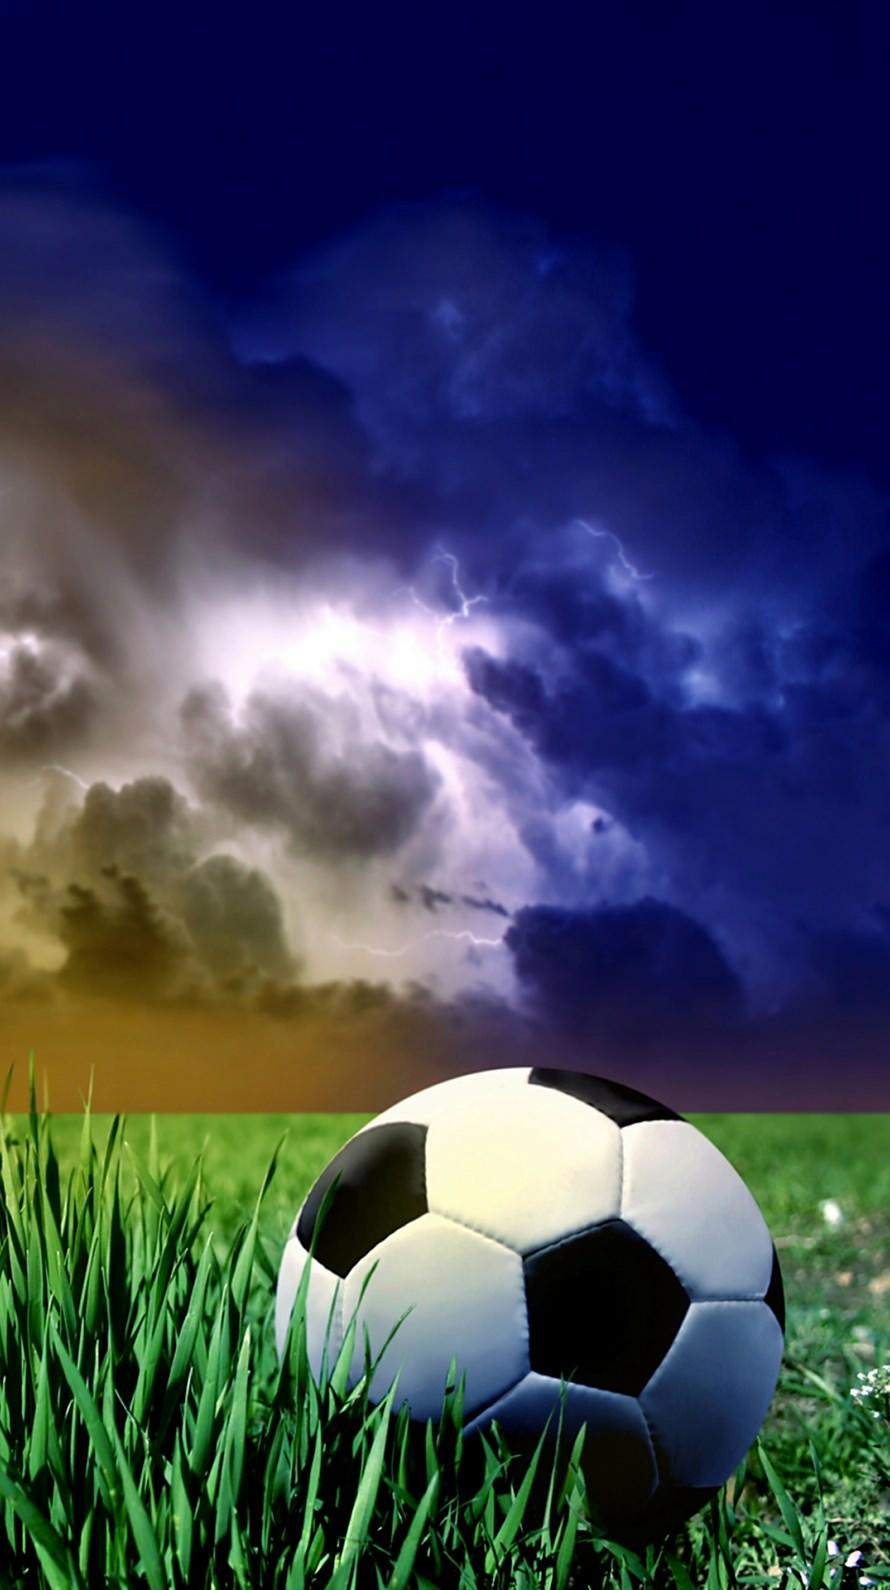 サッカーボールと草原 iPhone6壁紙